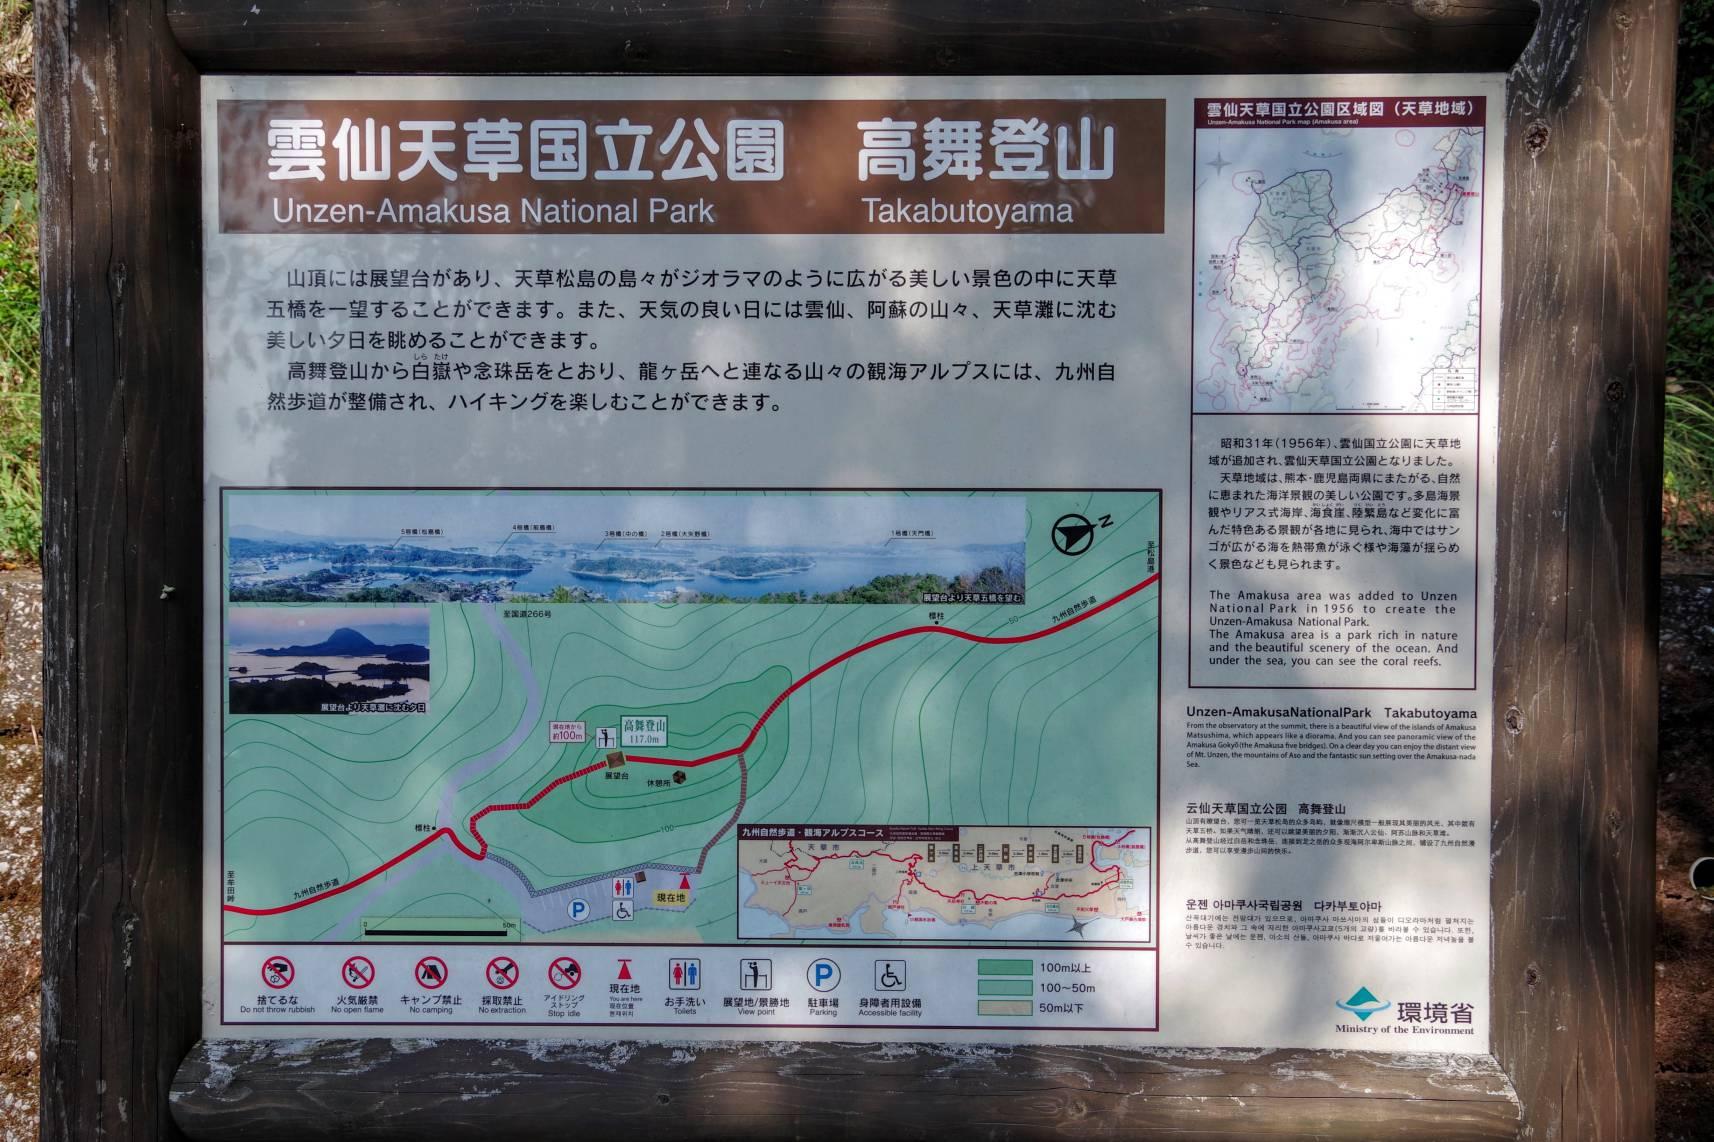 高舞登山の説明